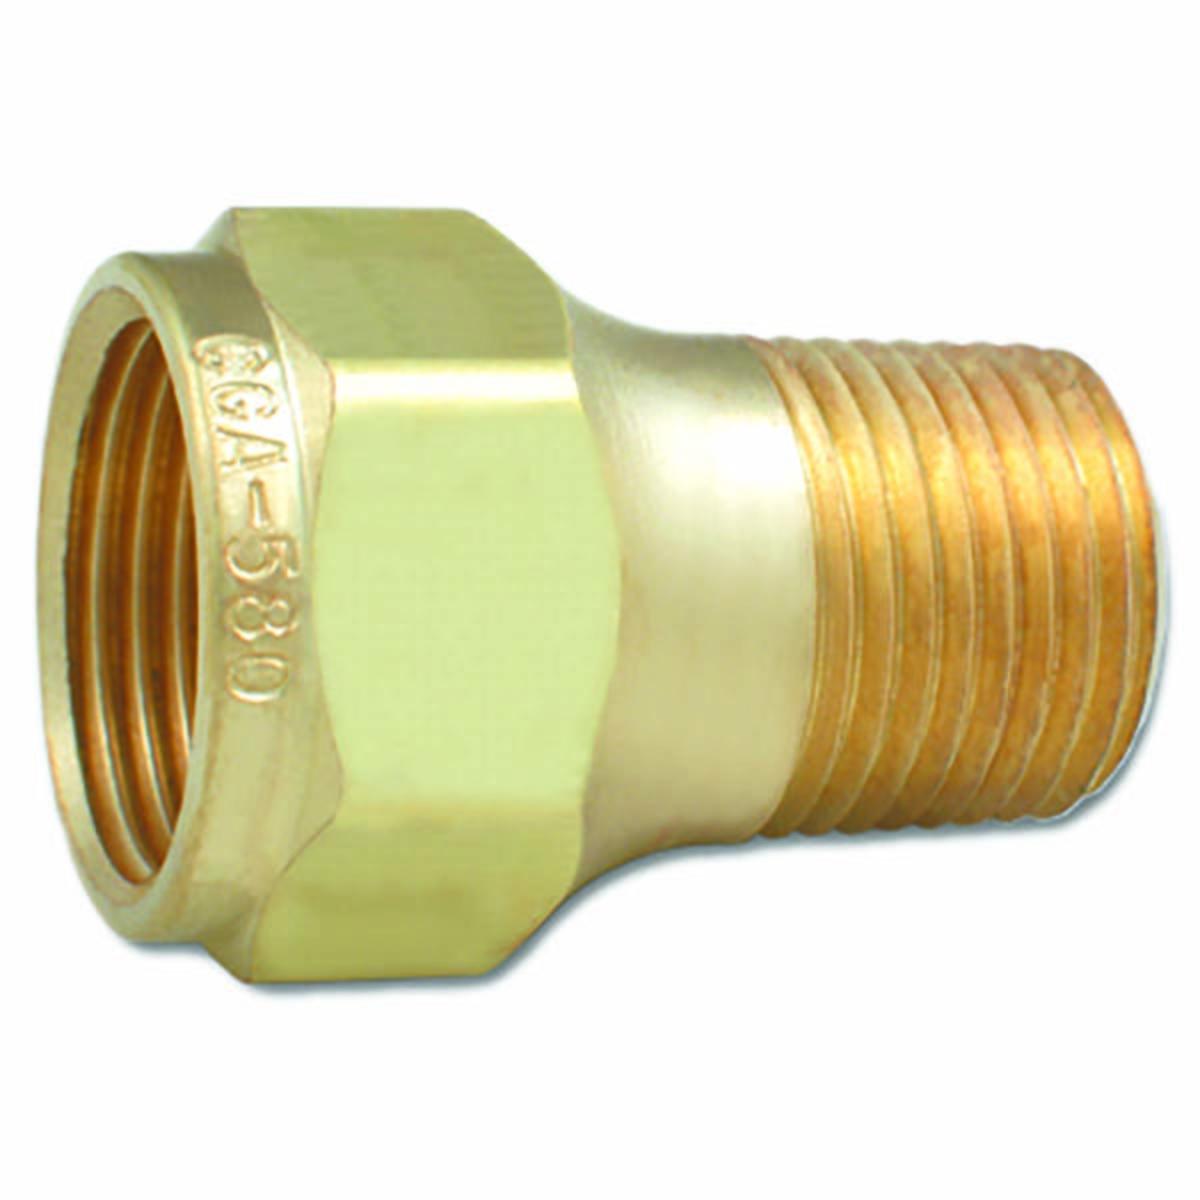 A.580,.965-14NGO RH-IN X 1/2NPTM (WE B-72)